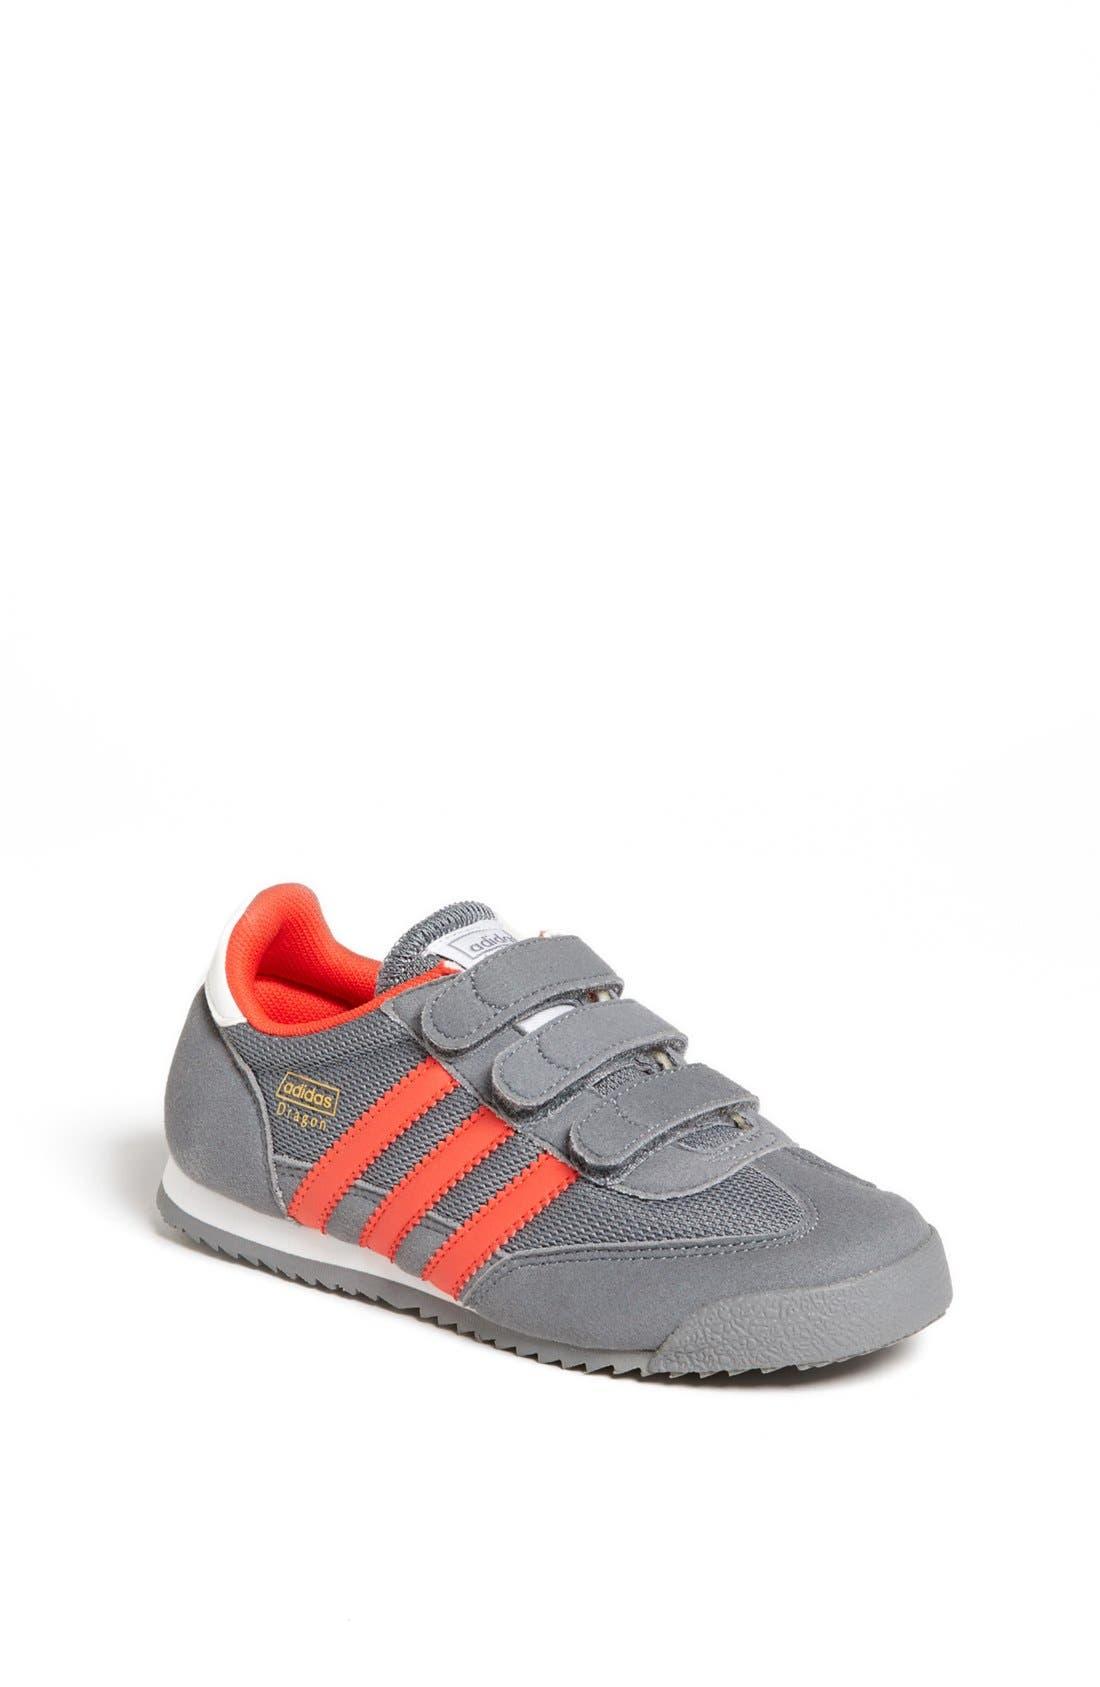 Main Image - adidas 'Dragon' Sneaker (Toddler & Little Kid)